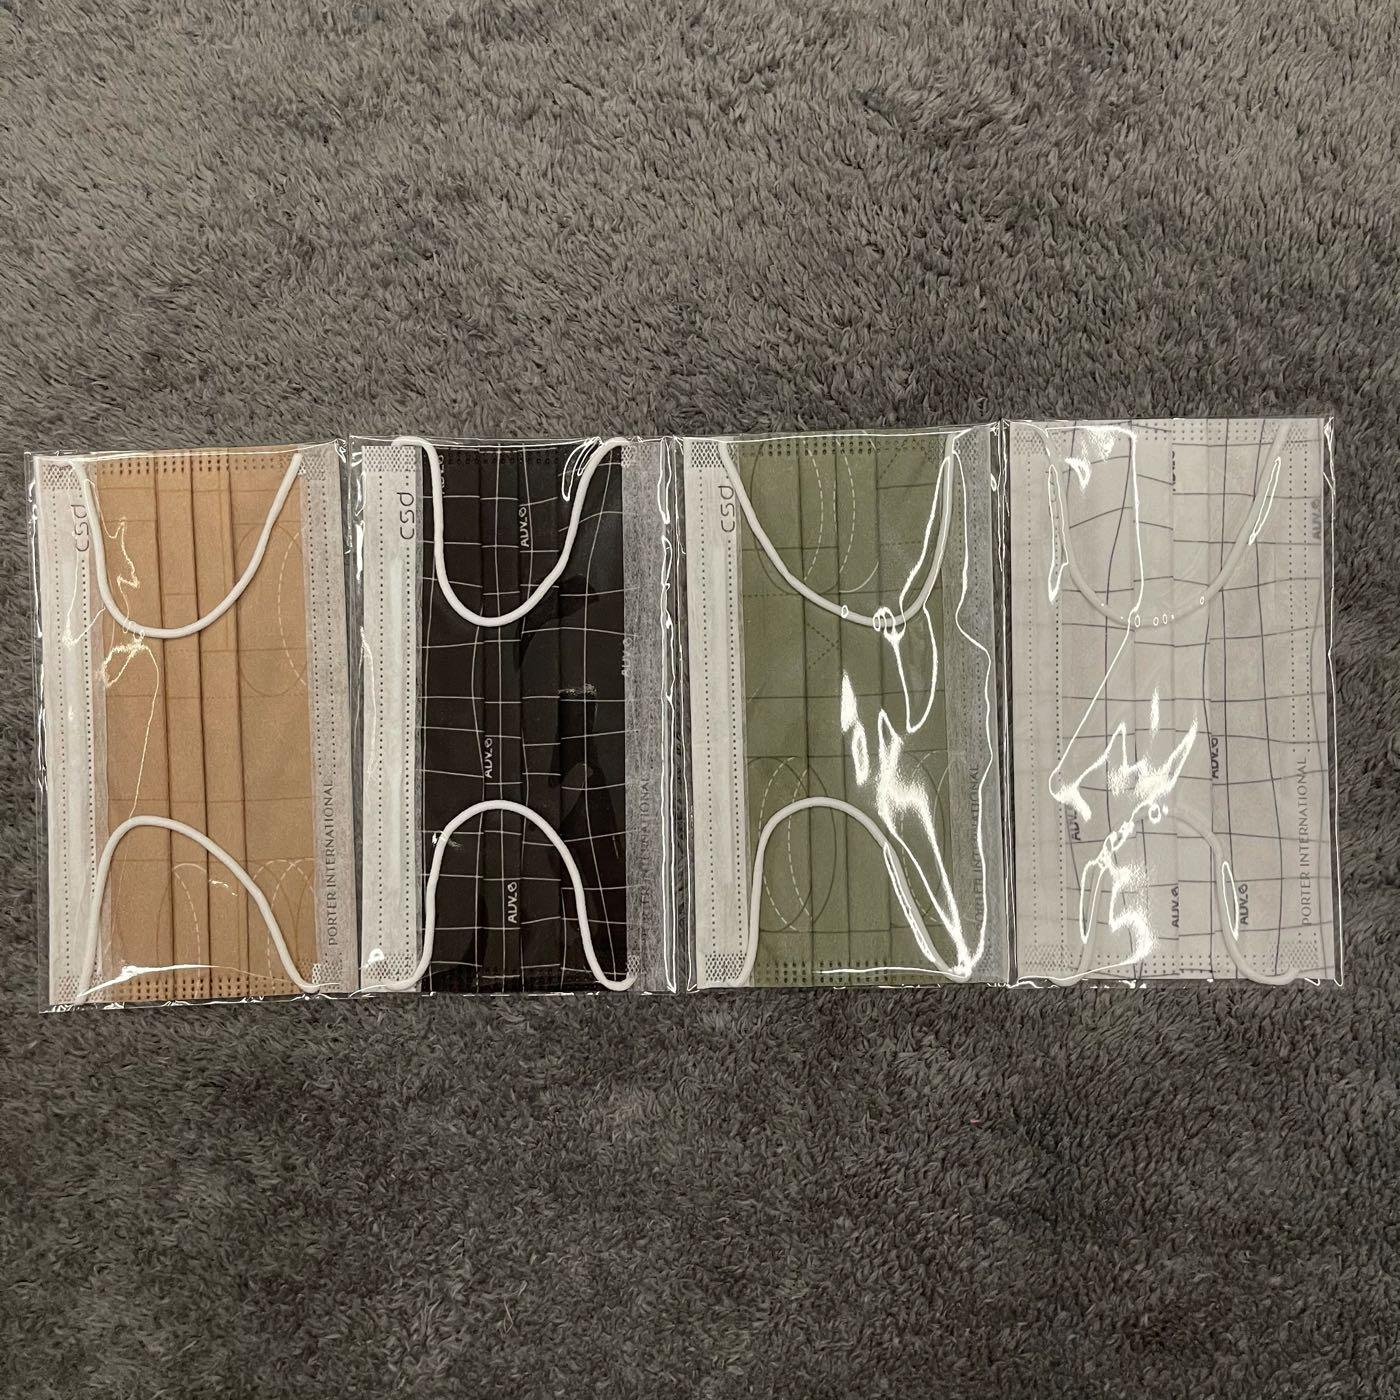 現貨 中衛 CSD x Porter 聯名款 4片套組 ADV 口罩 袋裝 康是美 微風 兔子